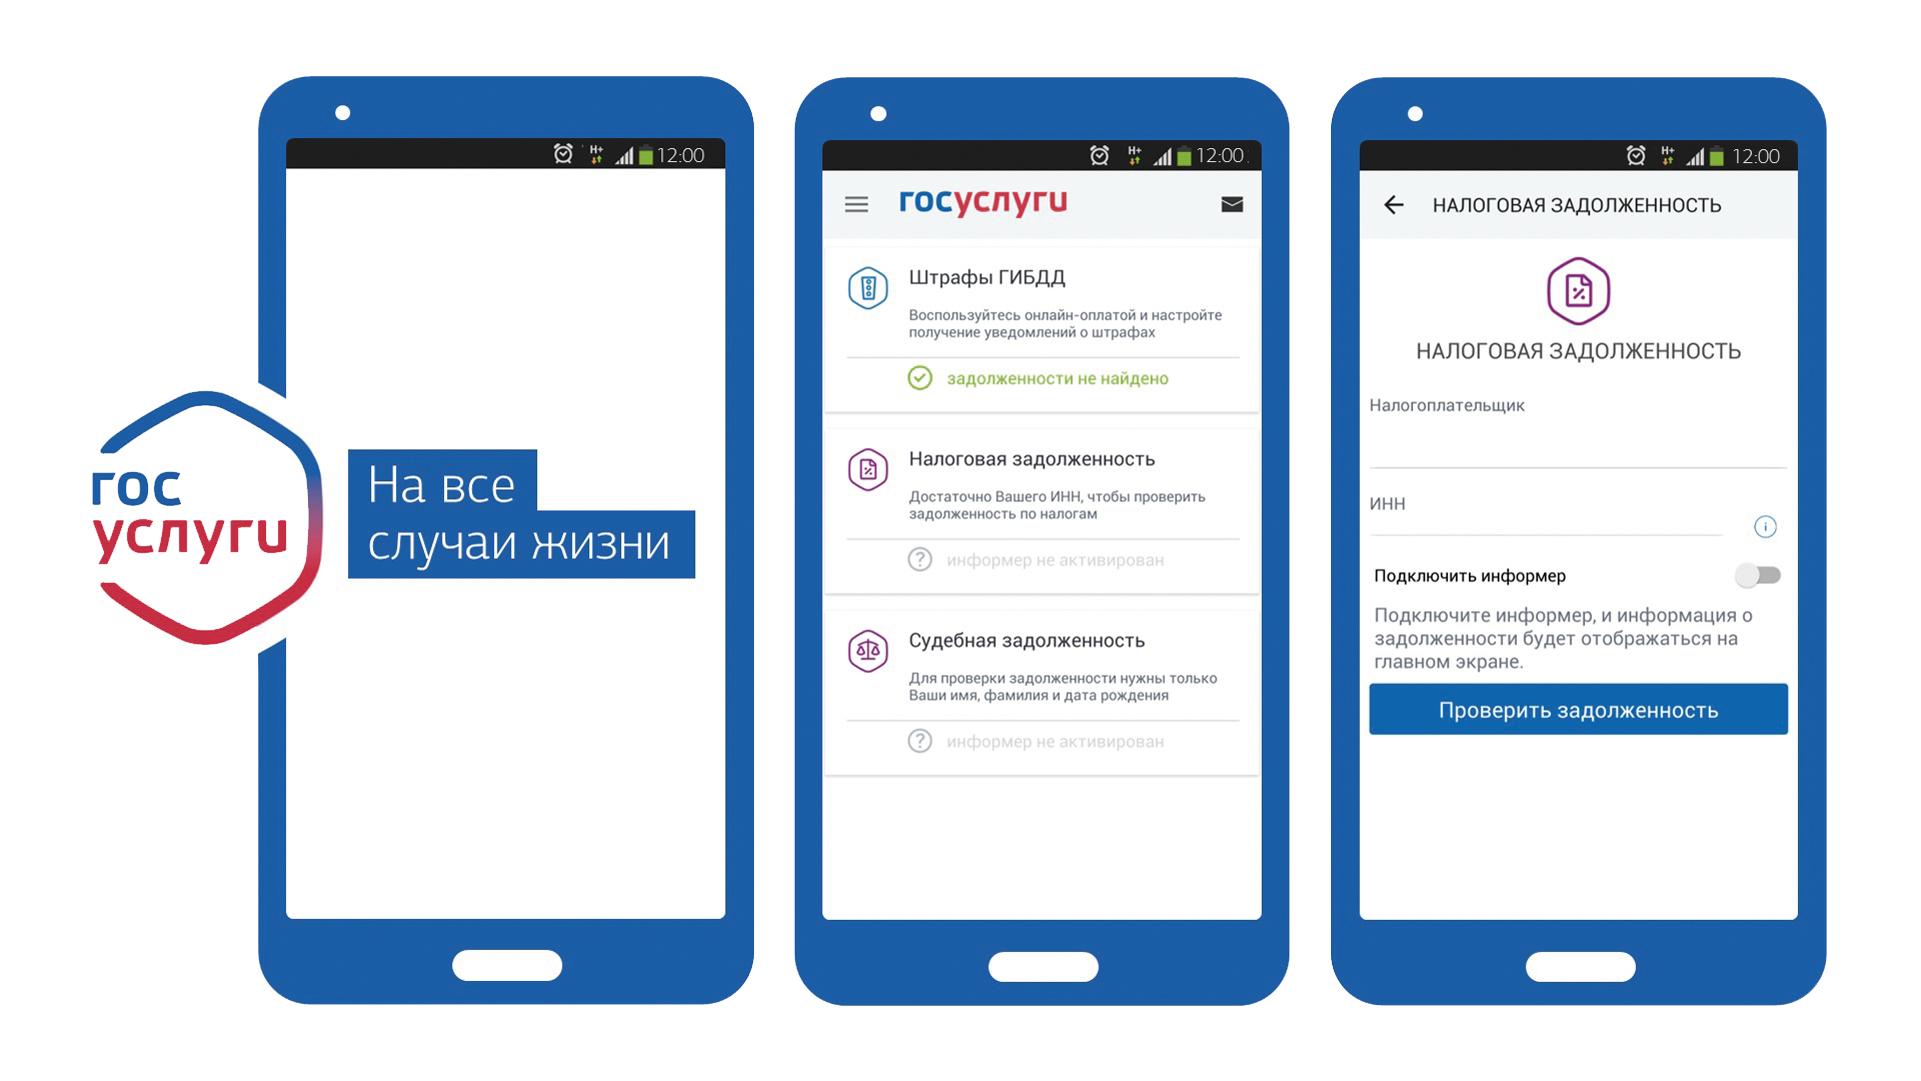 Улучшено мобильное приложение «Госуслуги»